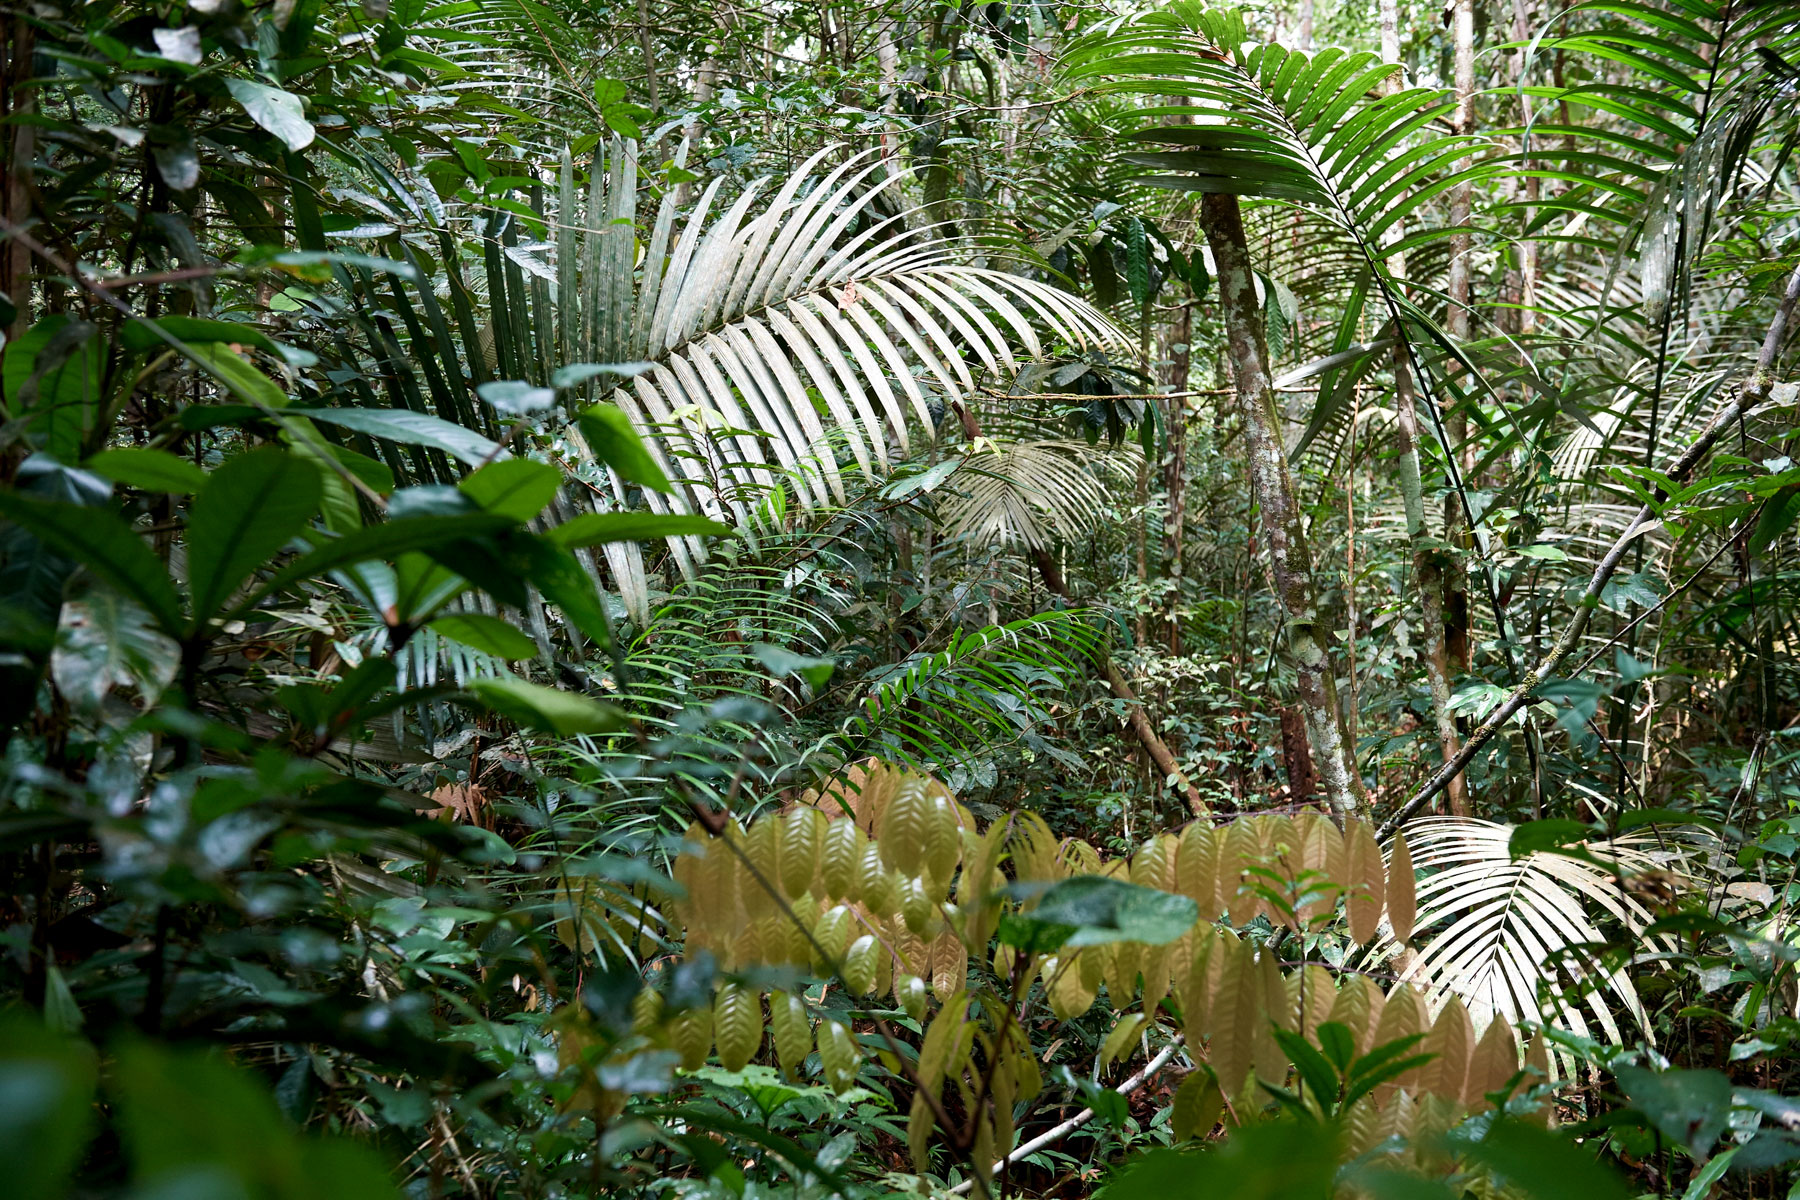 Foto zeigt den direkten Blick in den dichten, mit Farnen bewachsenen, grünen und stark bewachsenden Regenwald